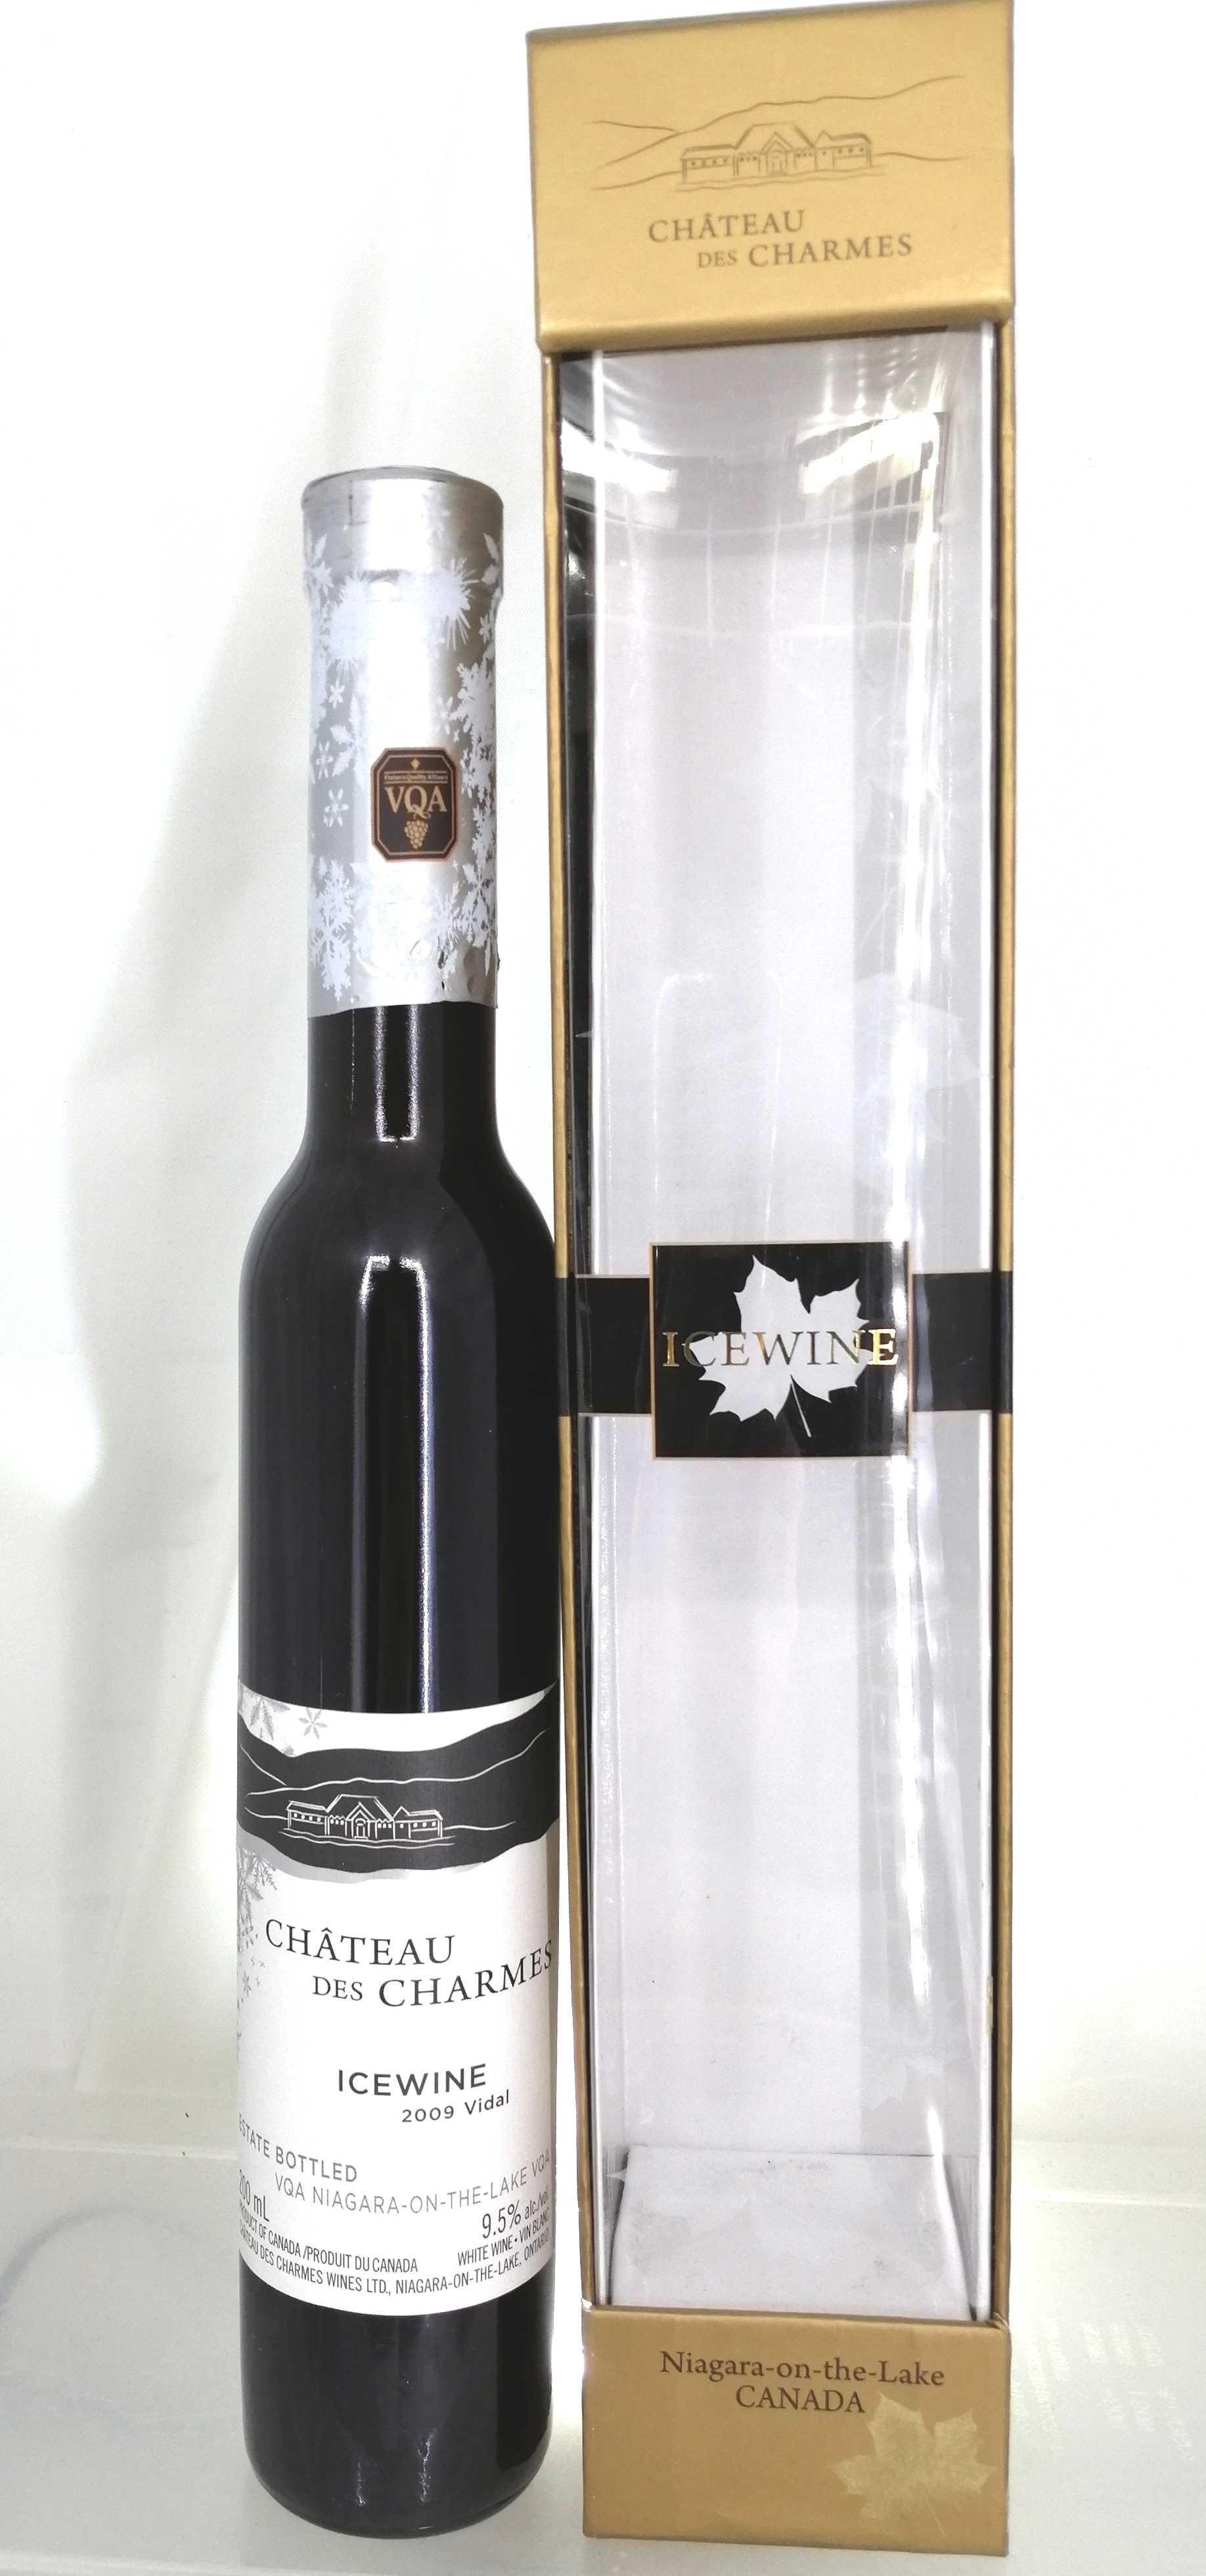 アイスワイン2009ヴィダル CHATEAU DES CHARMES